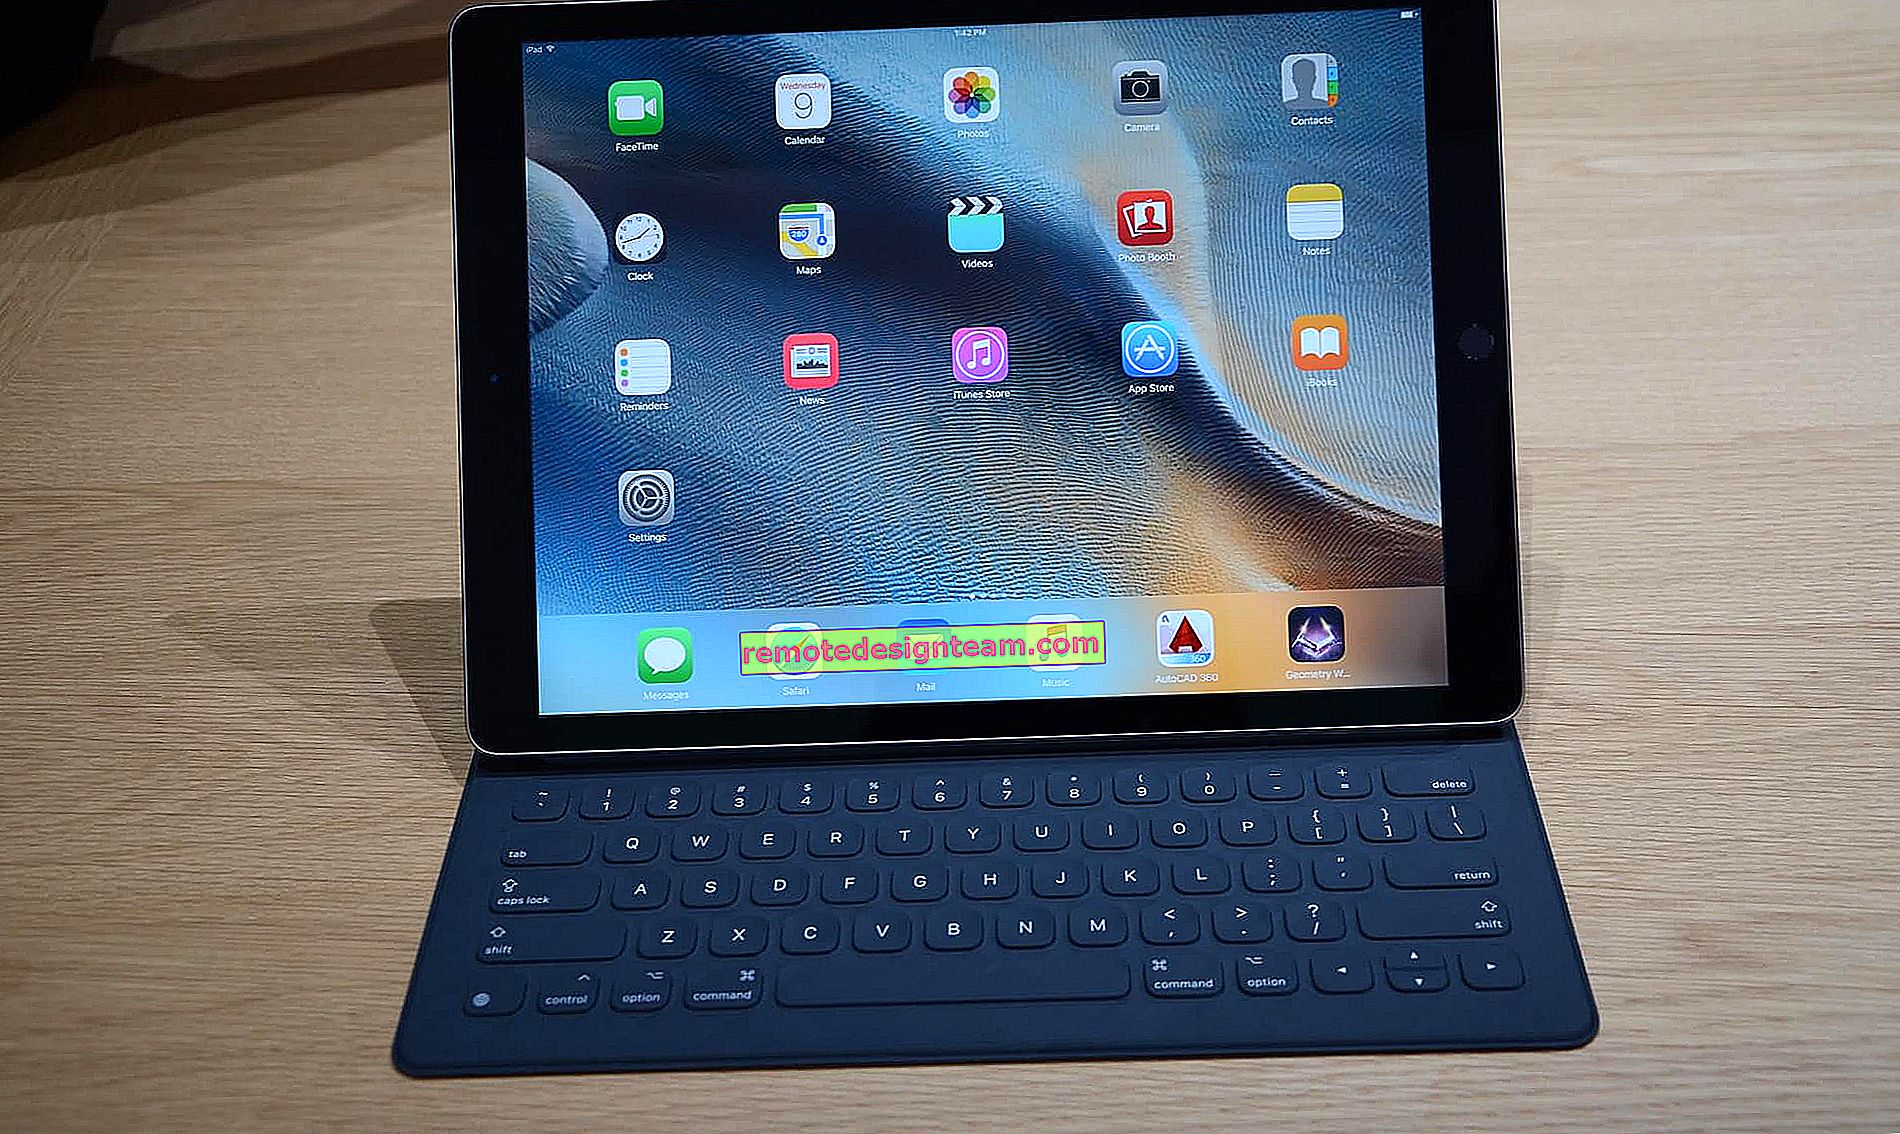 Jak wykonać kopię lustrzaną ekranu iPhone'a lub iPada na telewizorze?